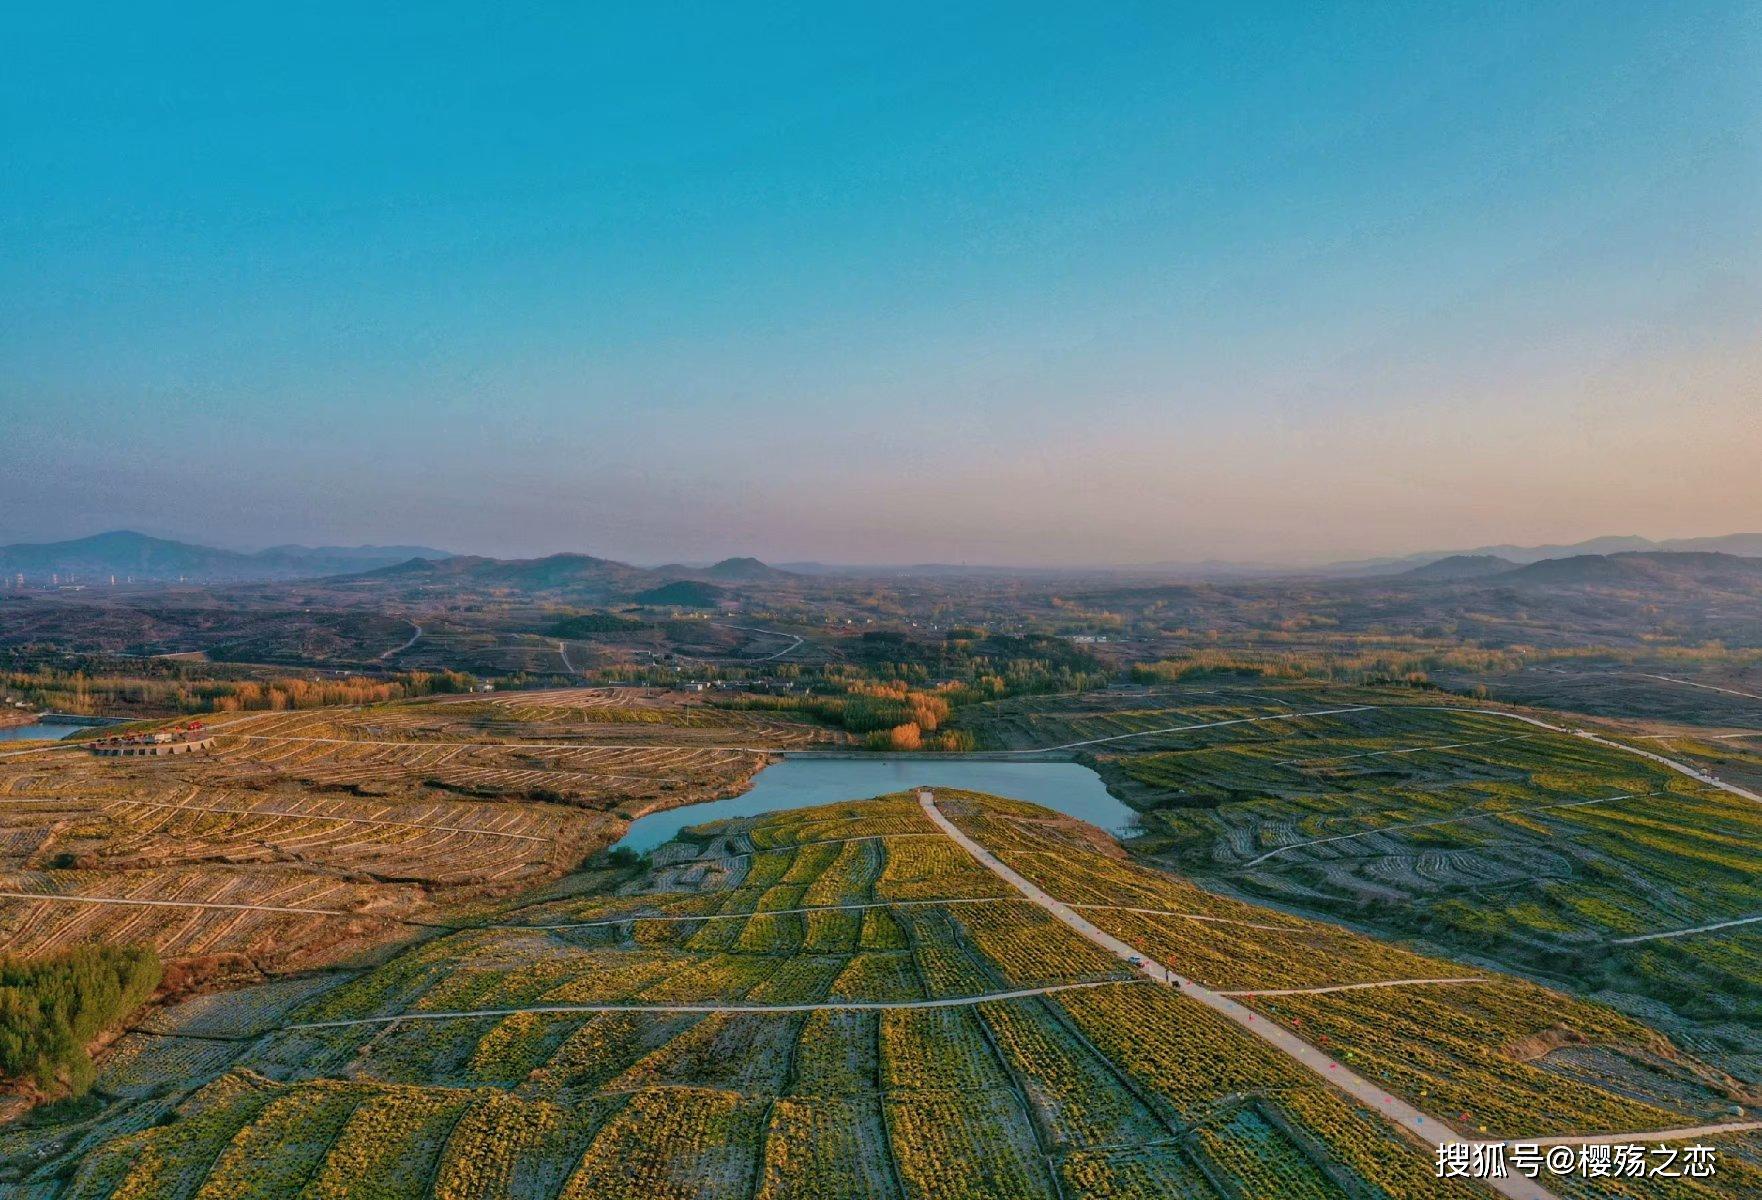 """中国唯一以""""良心""""为名的景区,因为致富有道,深受当地人推崇_种植"""